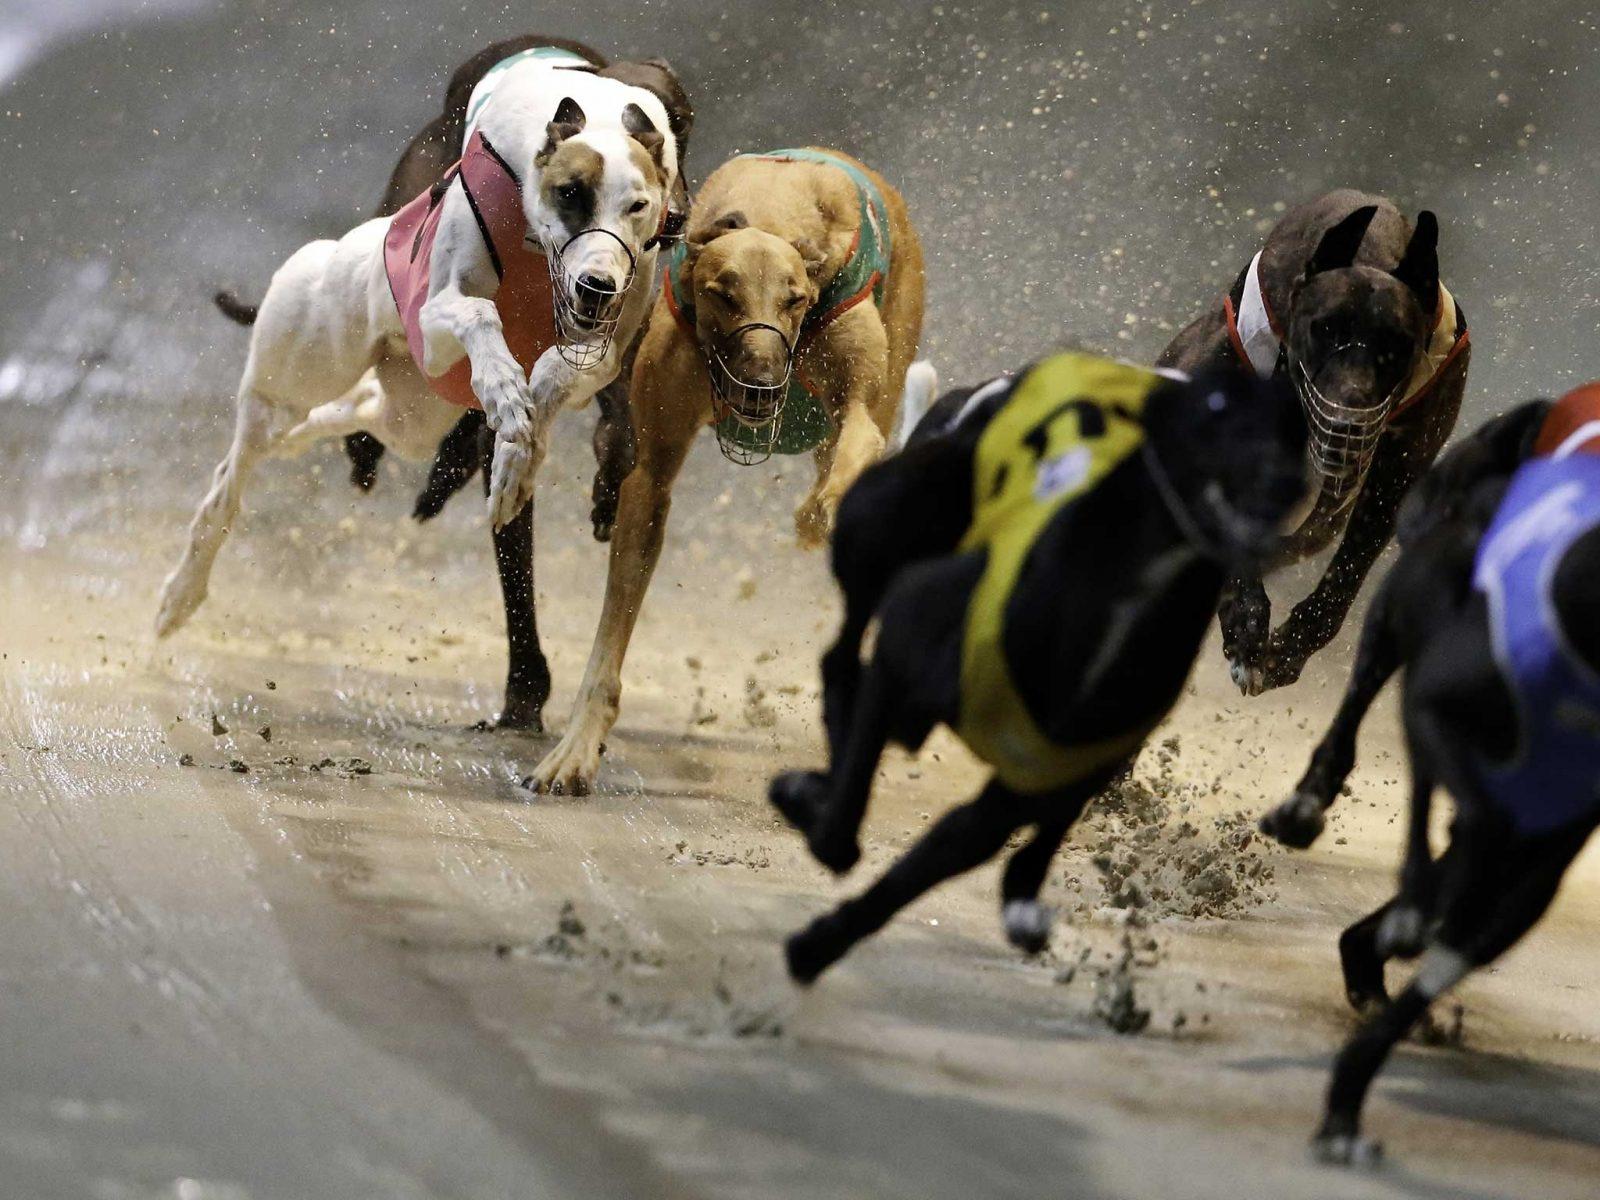 Greyhounds racing on sand track